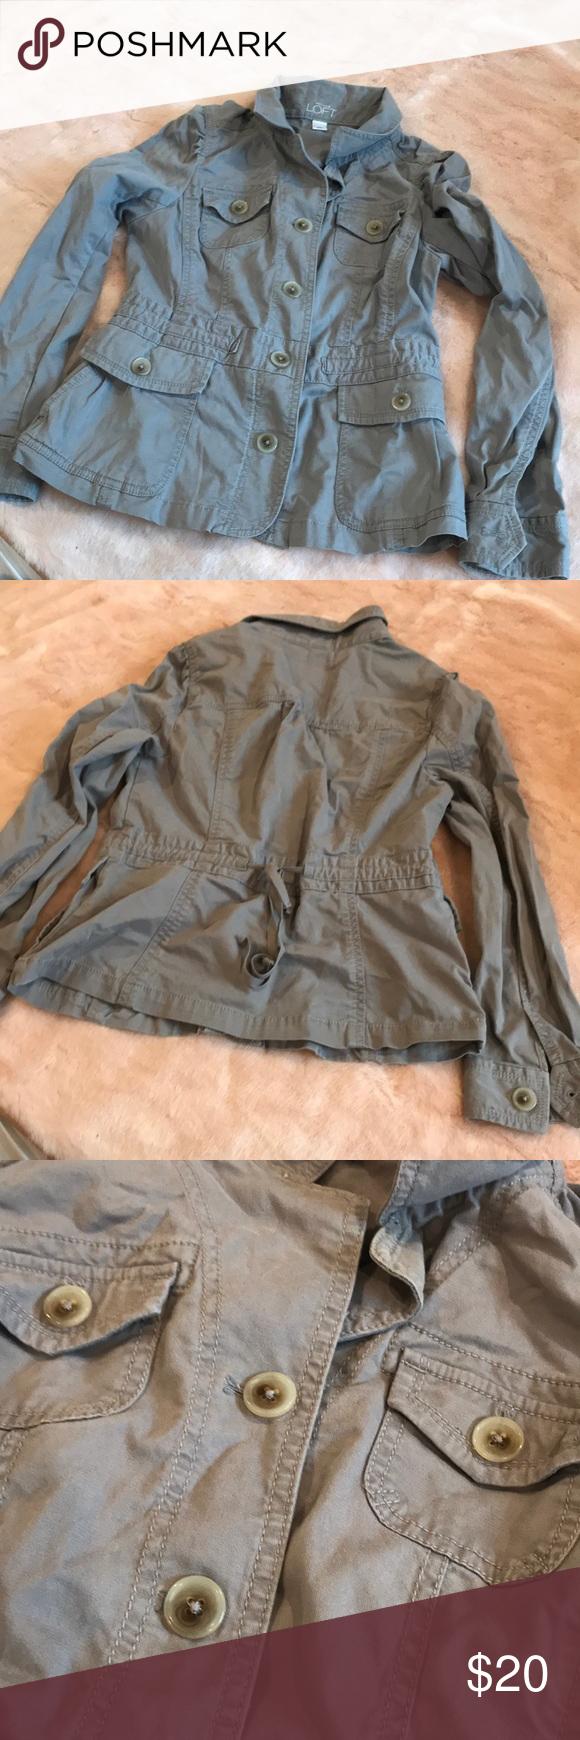 Grey/taupe loft jacket Grey/taupe jacket LOFT Jackets & Coats